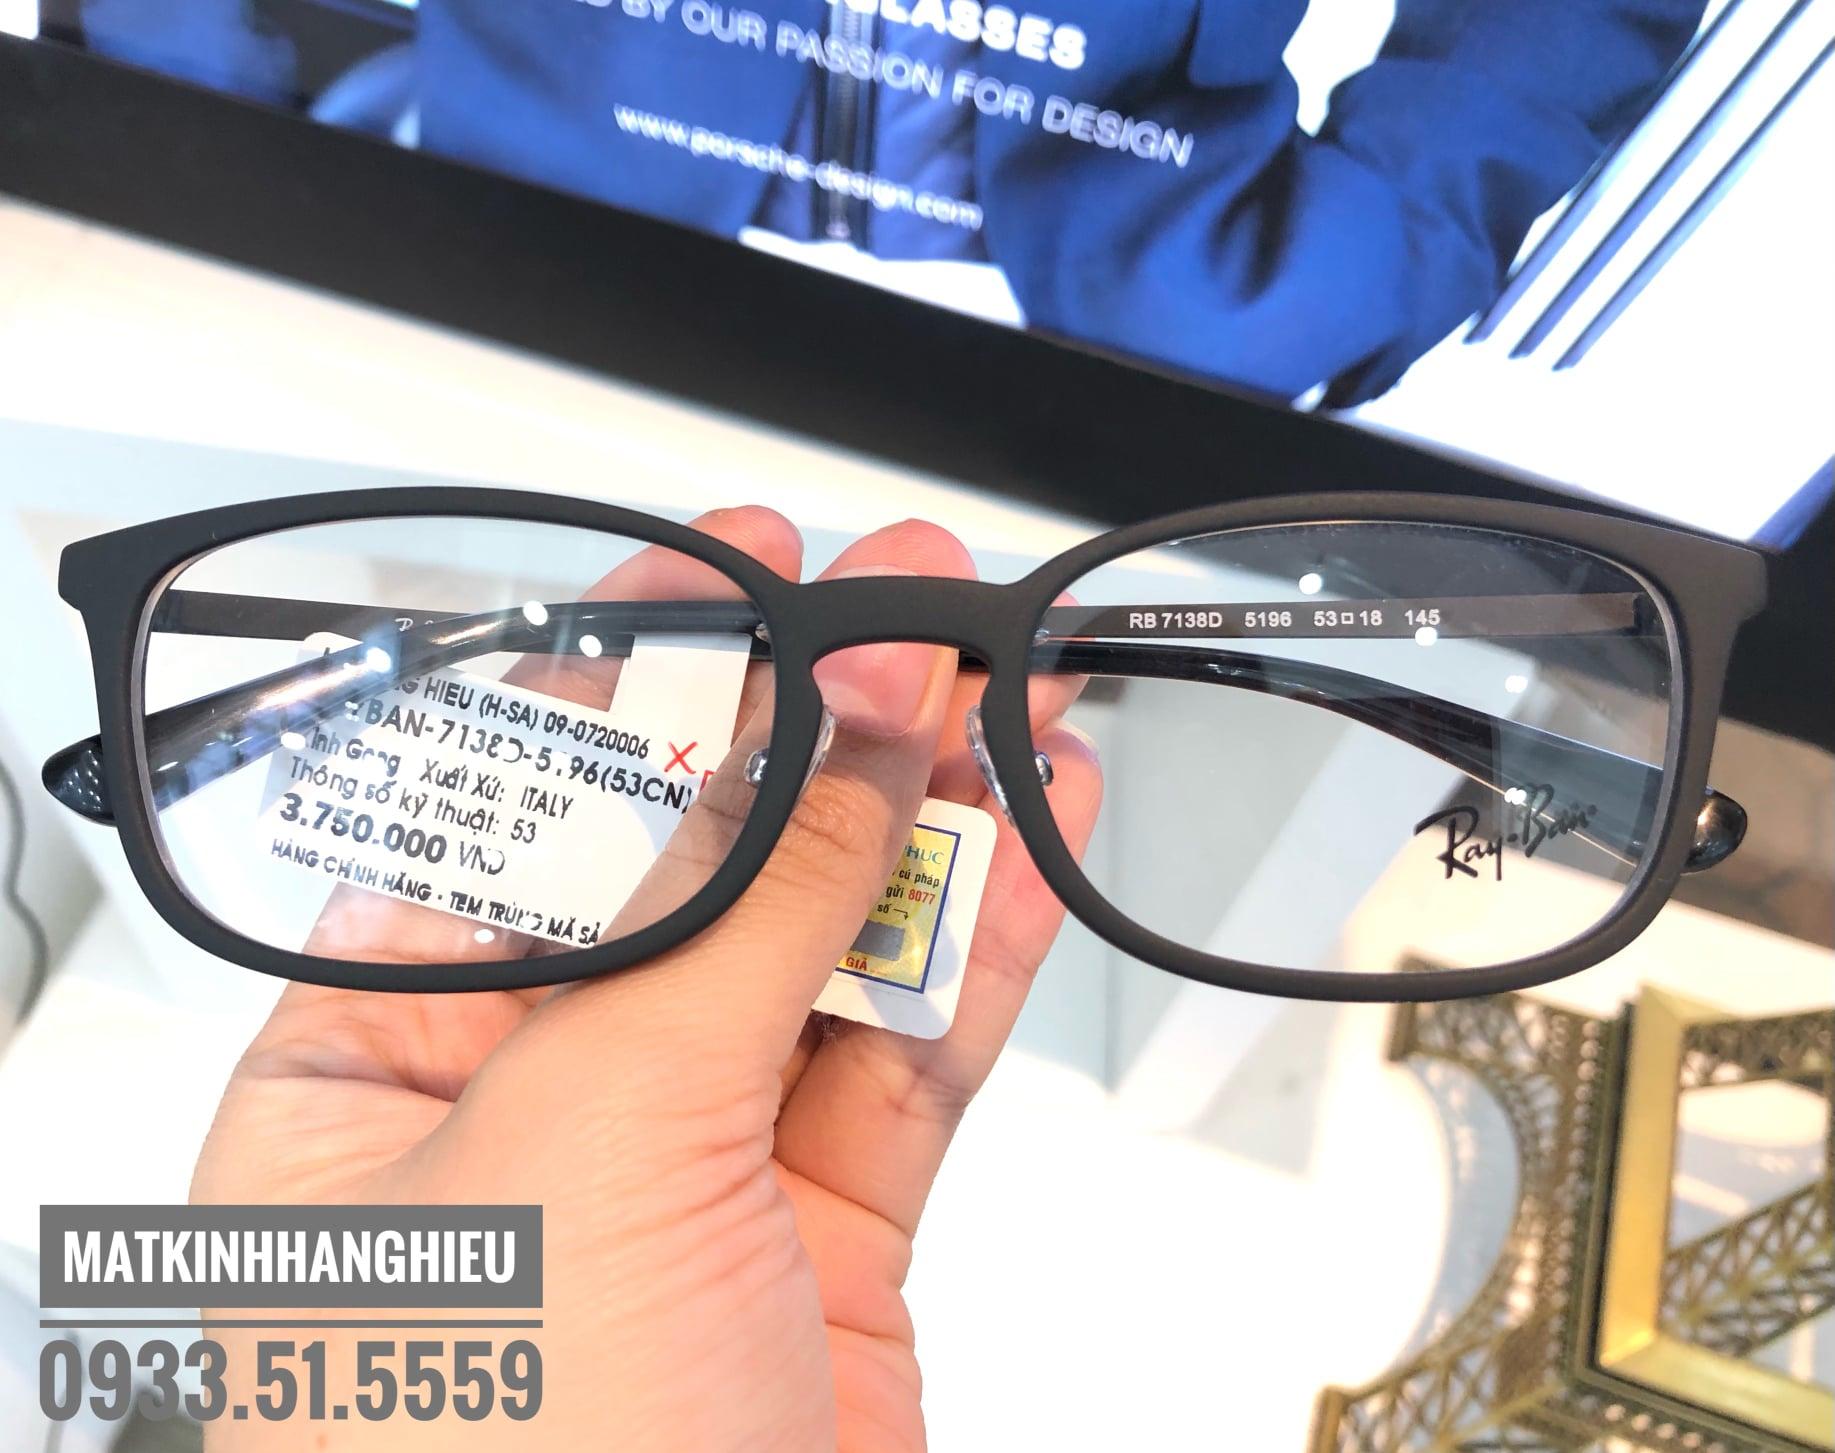 Gọng kính cận thời trang chính hãng RayBan RB7138D